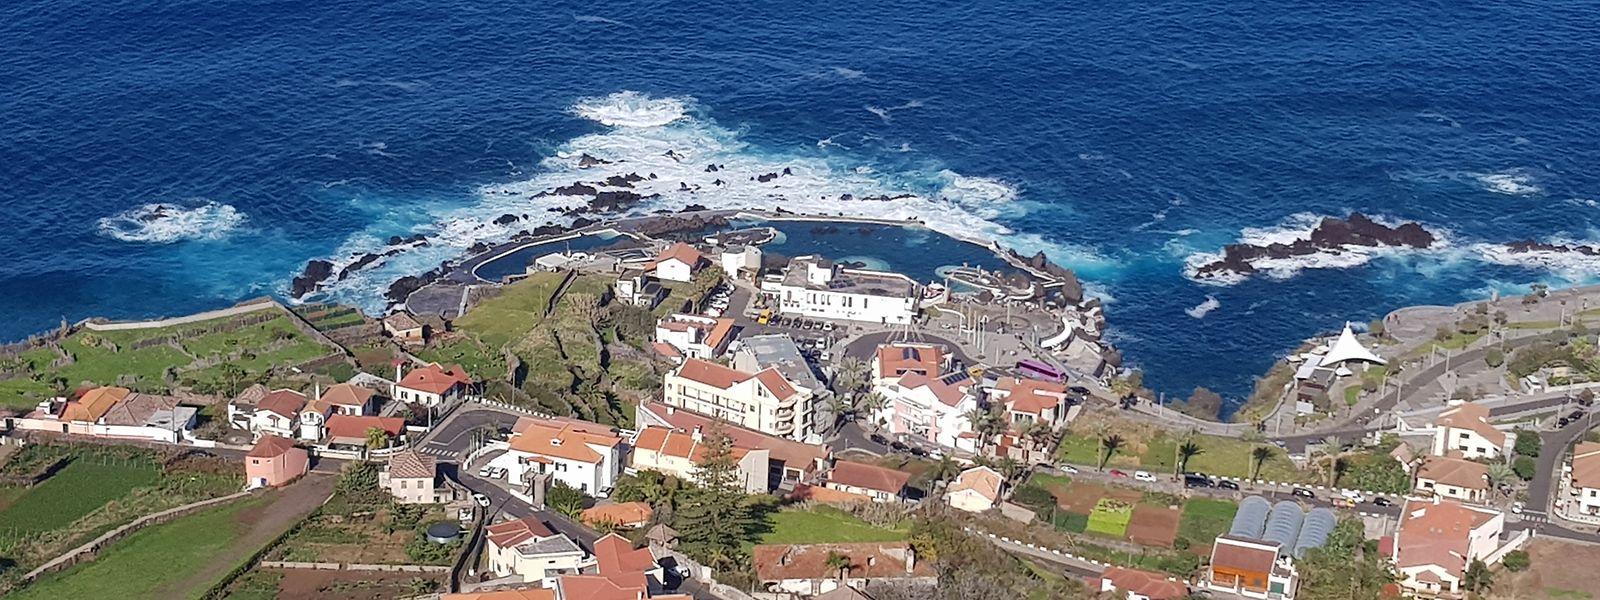 Porto Moniz – Das Städtchen an der Küste ist für seine natürlichen Schwimmbecken bekannt.